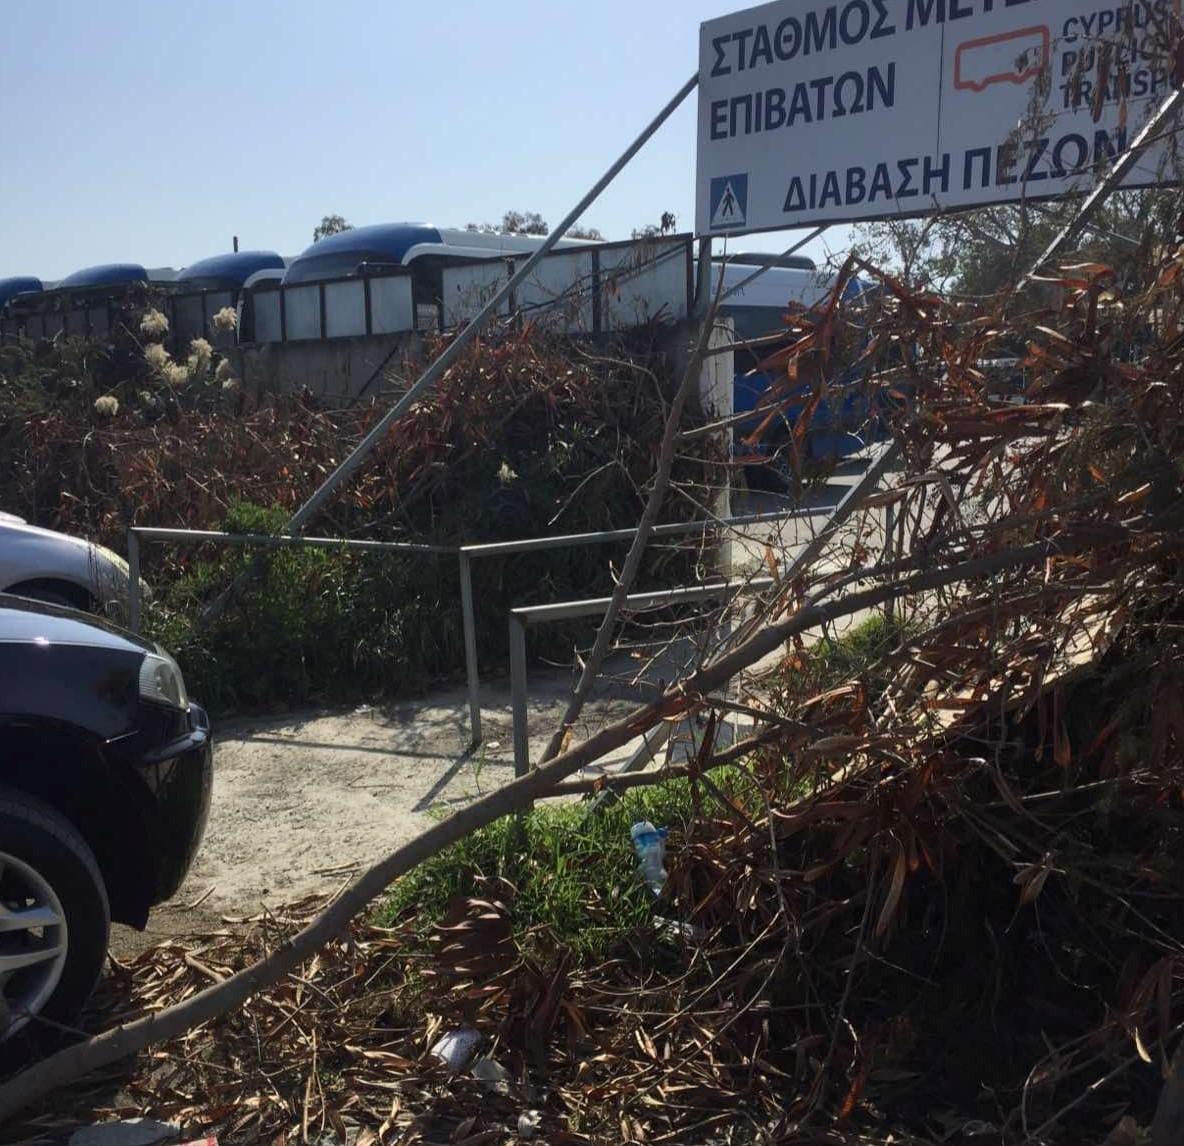 Άκρως απογοητευτική εικόνα – Ακαθαρσίες σε ένα κεντρικό και πολυσύχναστο σημείο της Λάρνακας (φώτο)